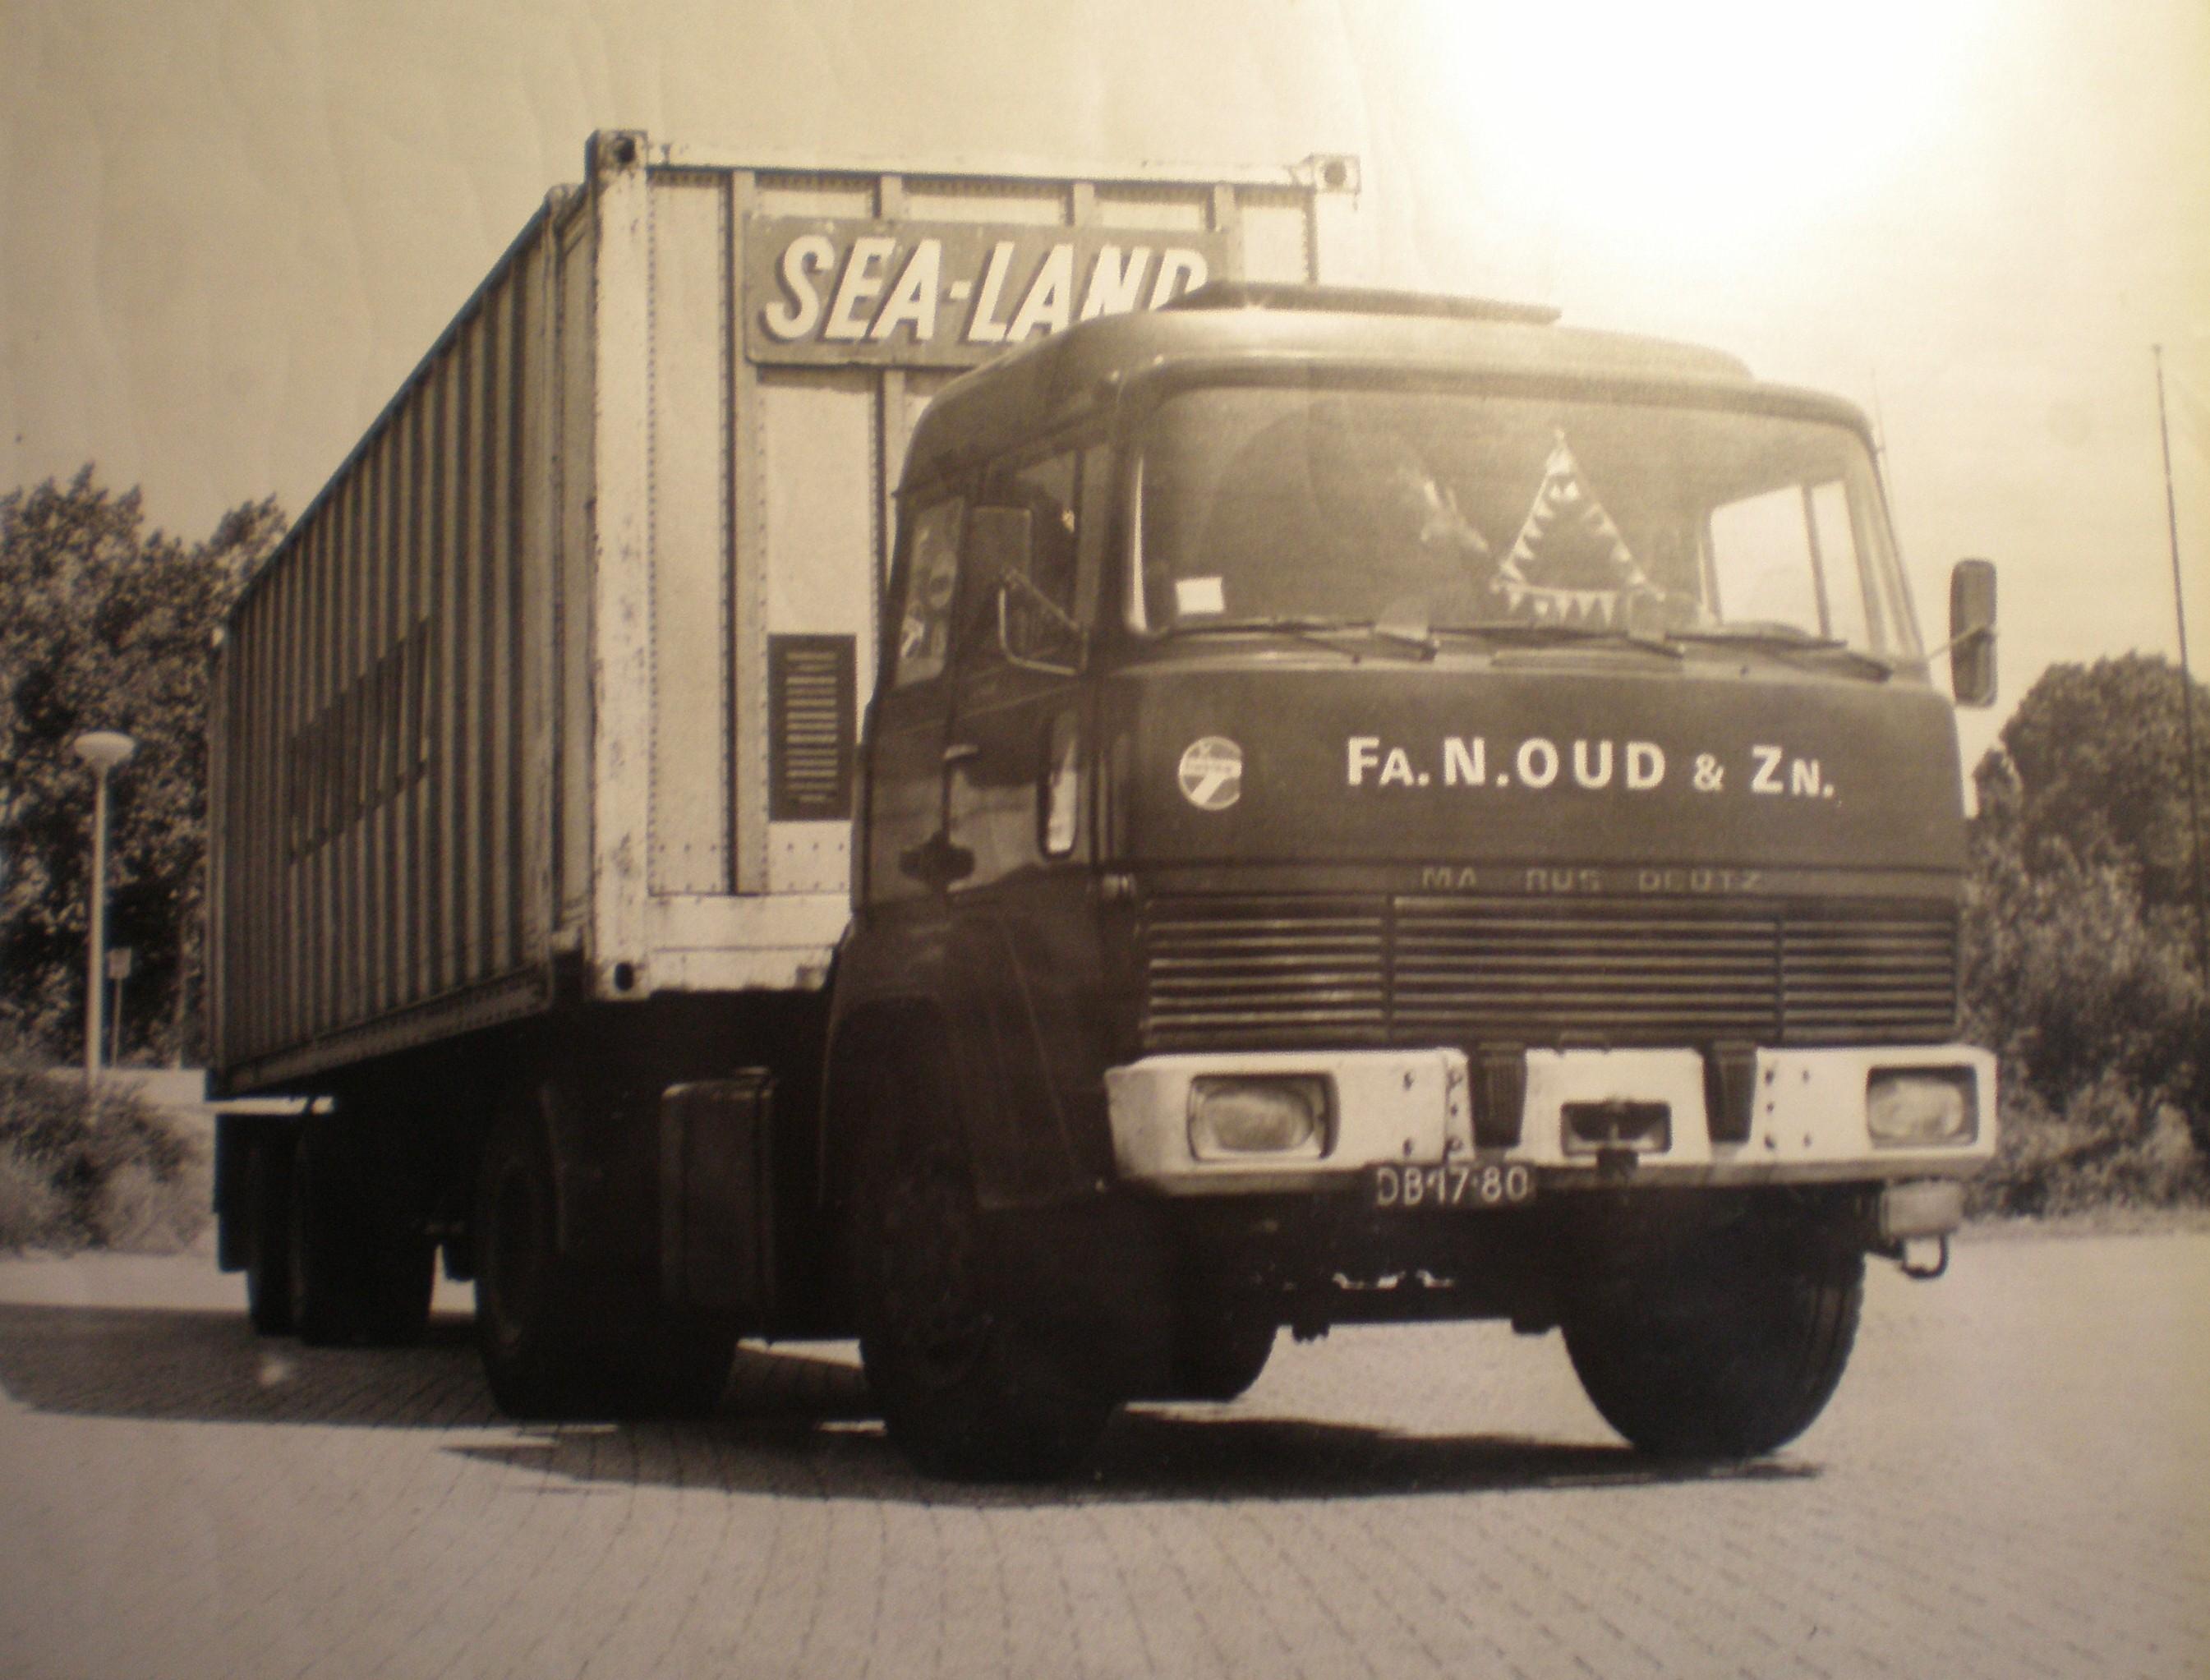 Transportbedrijf Oud in 1973